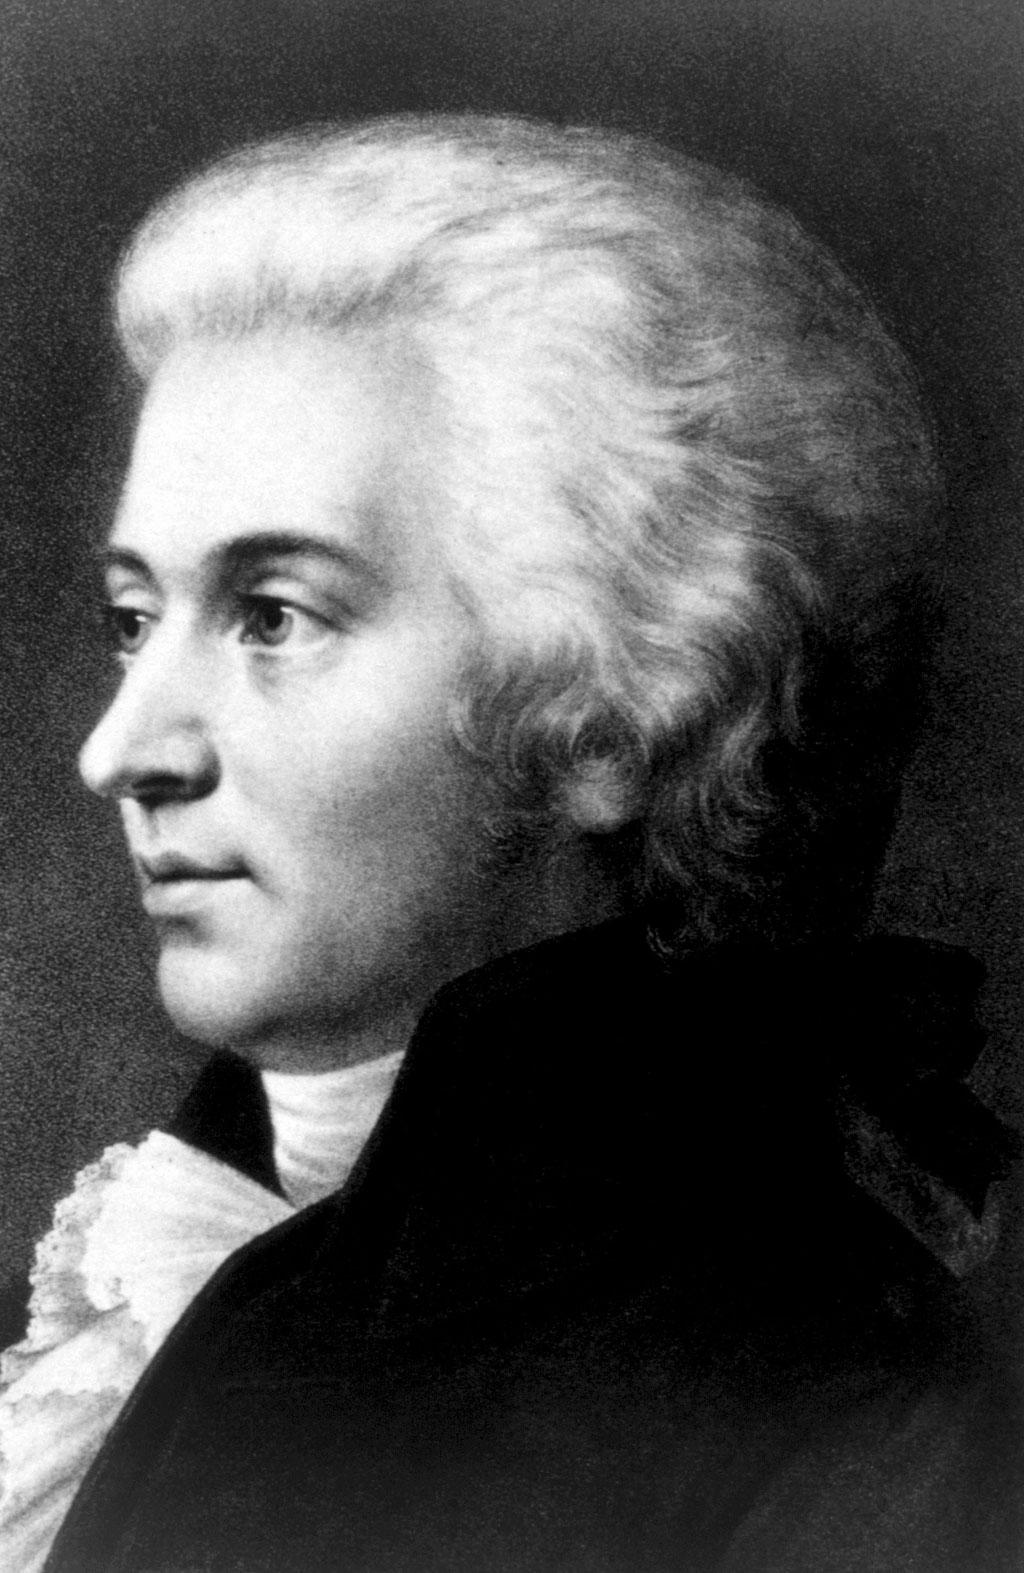 Foto Mozart